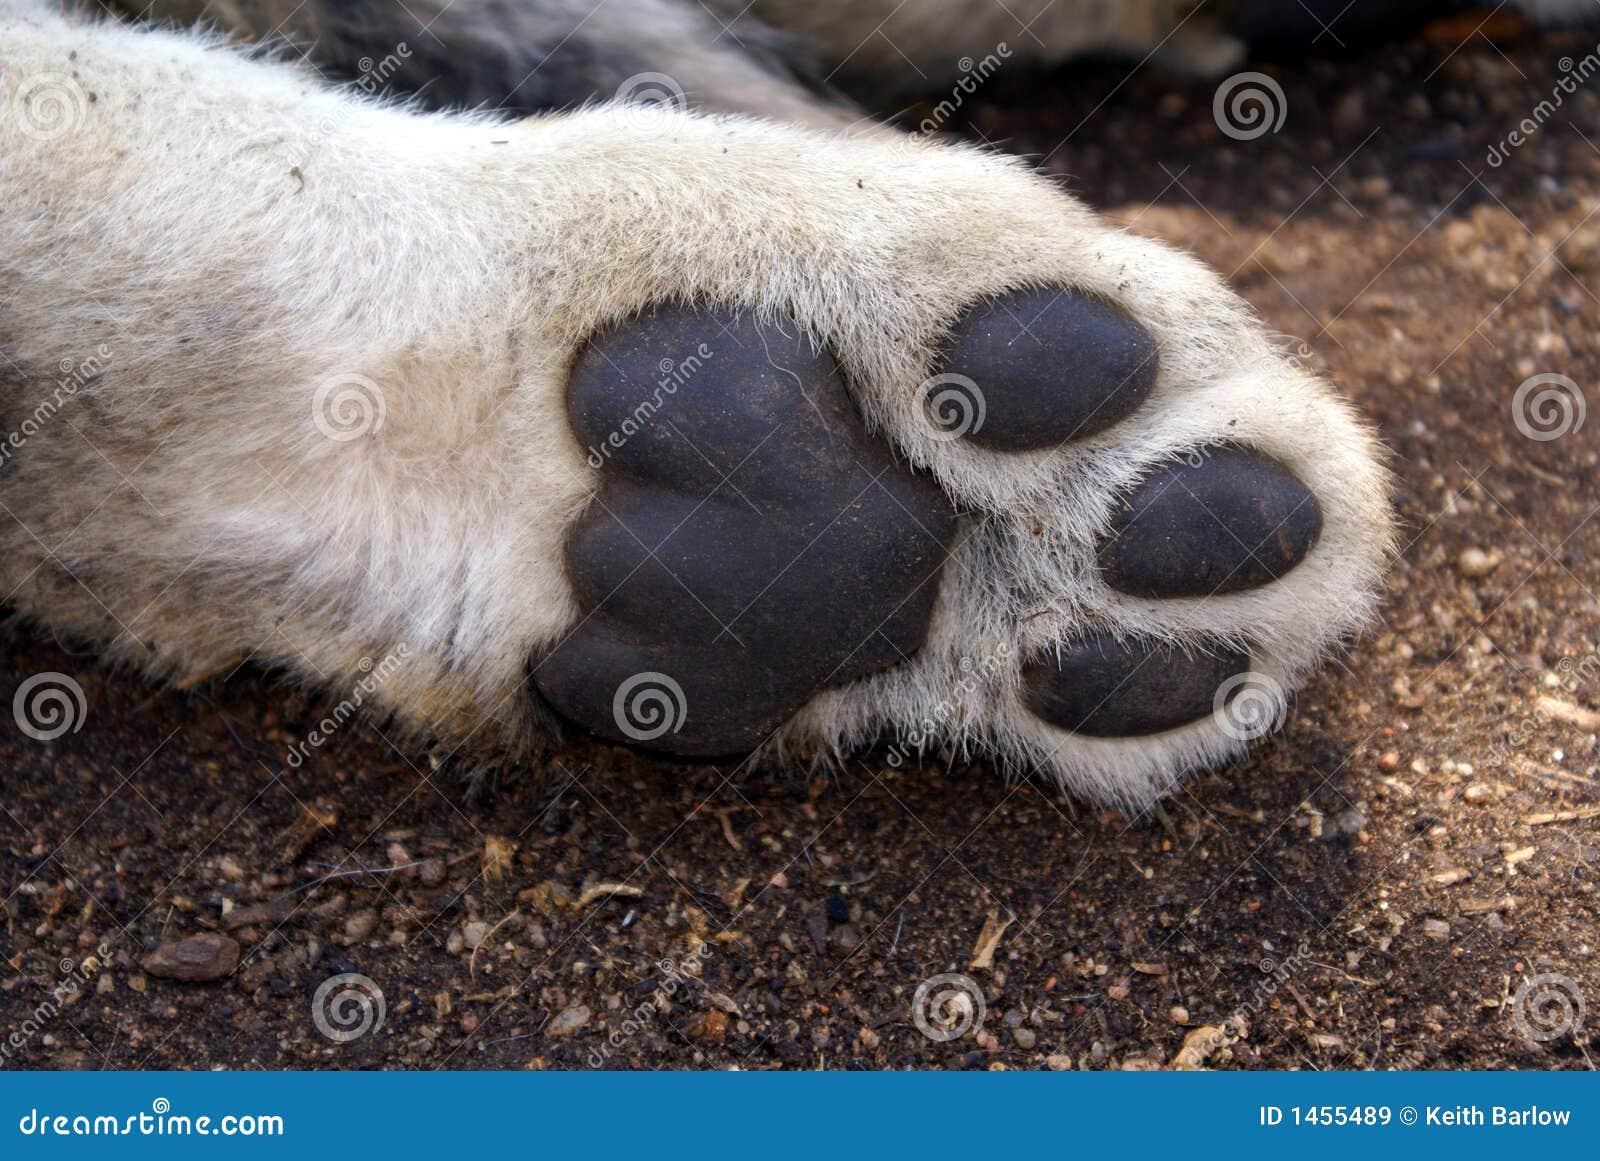 Patte d 39 animal de lion image stock image du pr dateur 1455489 - Patte de lion ...